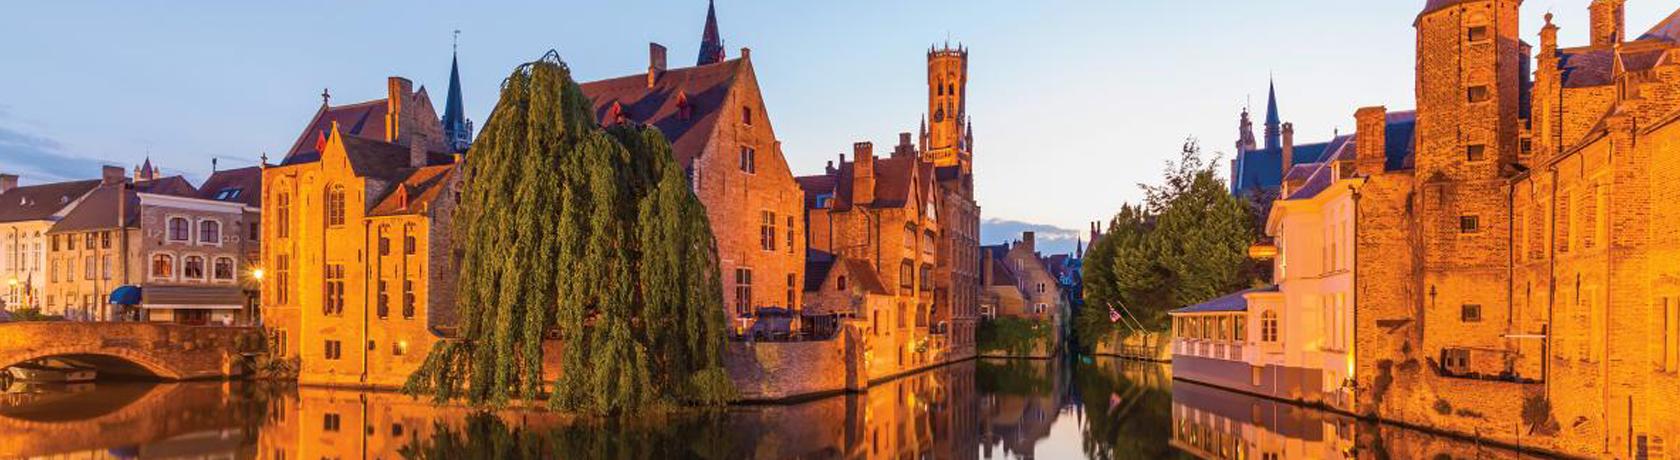 Bruges.png#asset:235